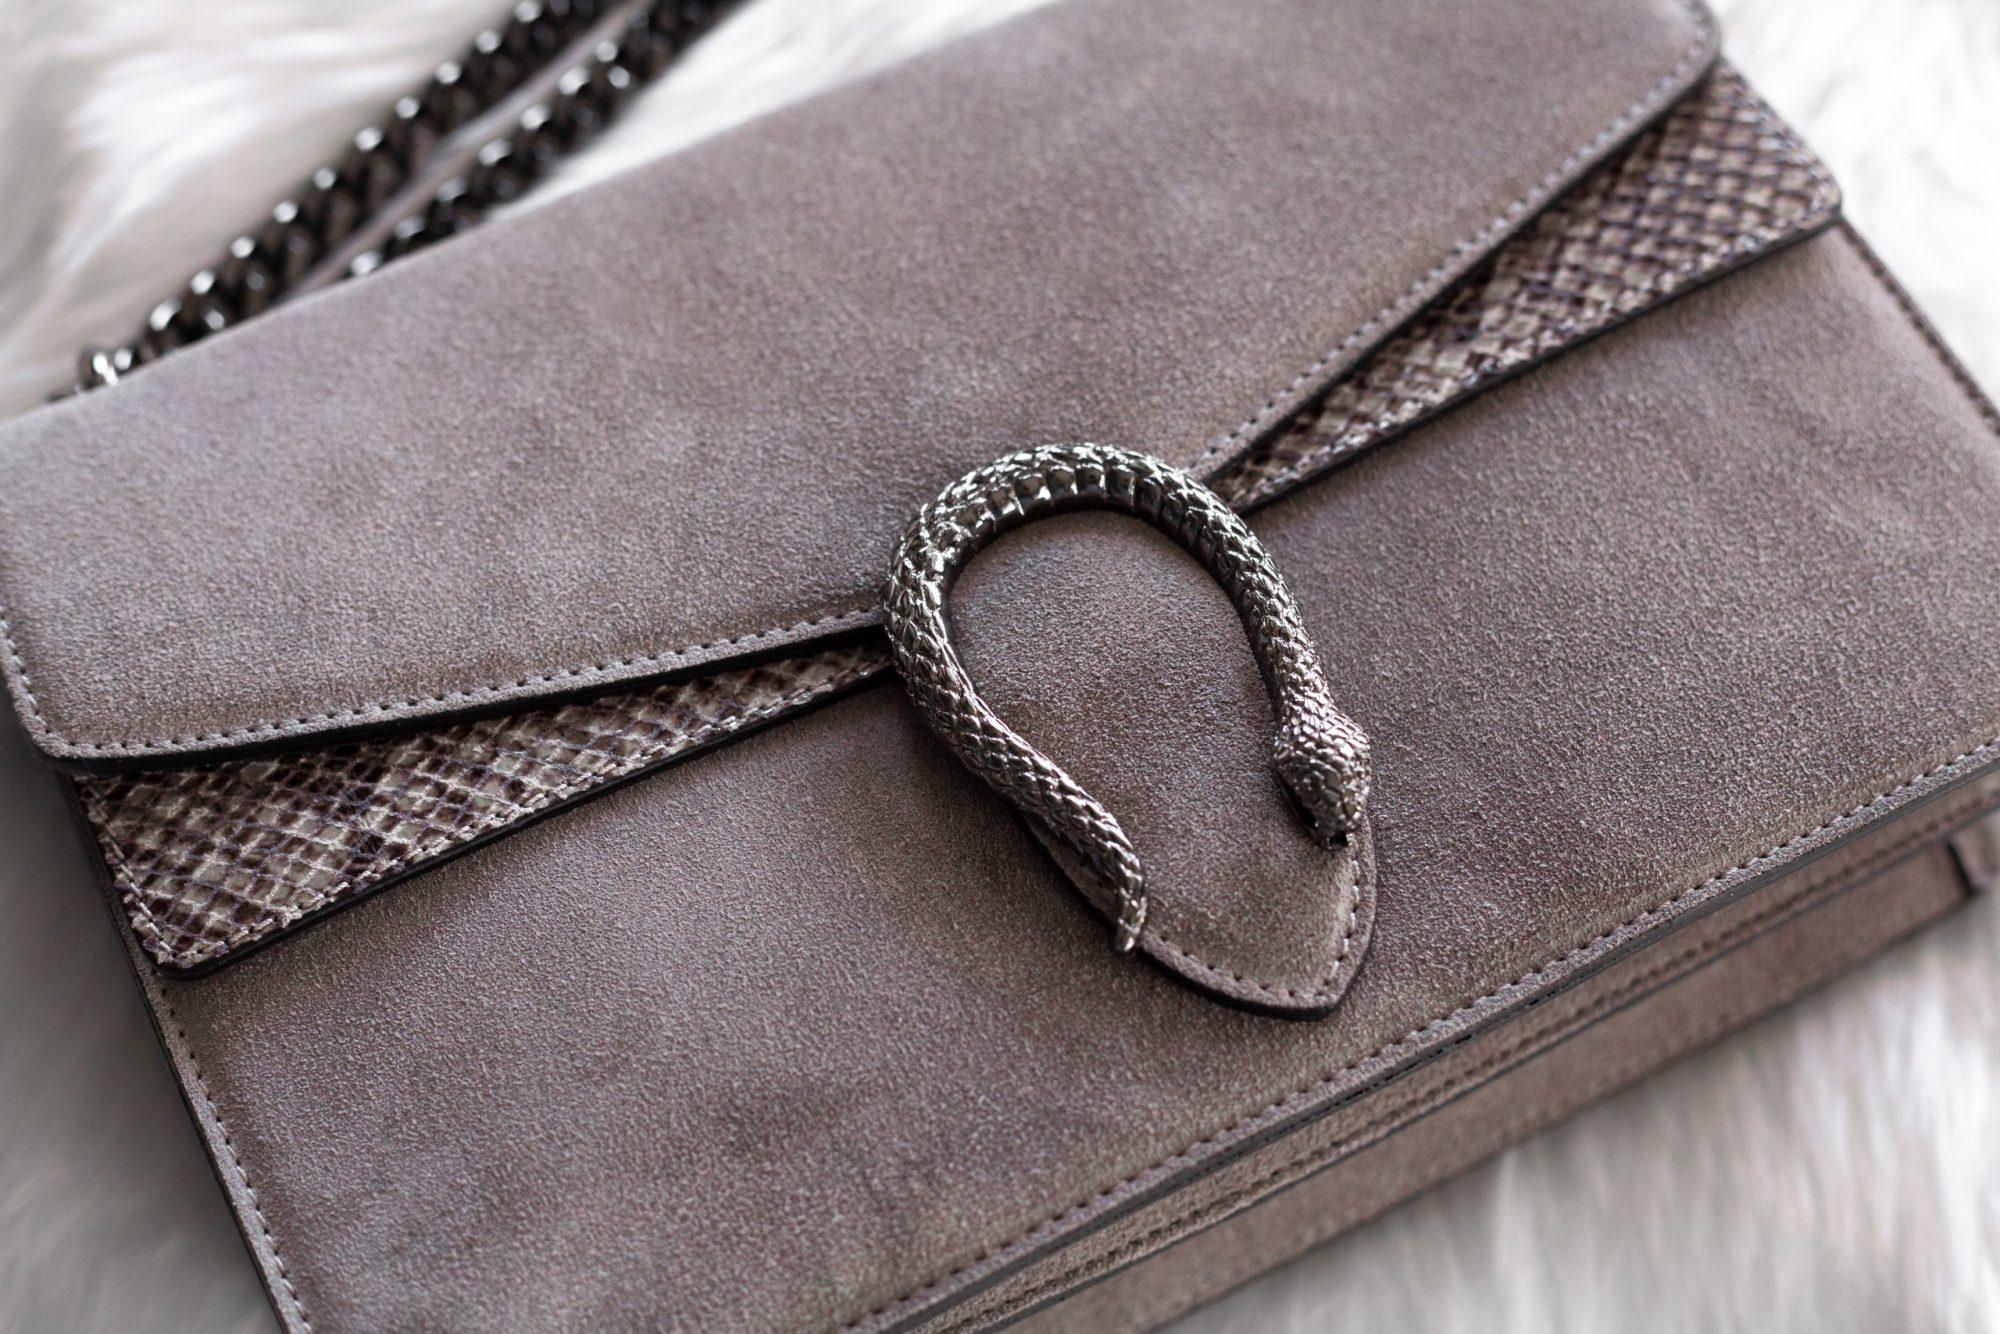 Italian suede handbag buckle